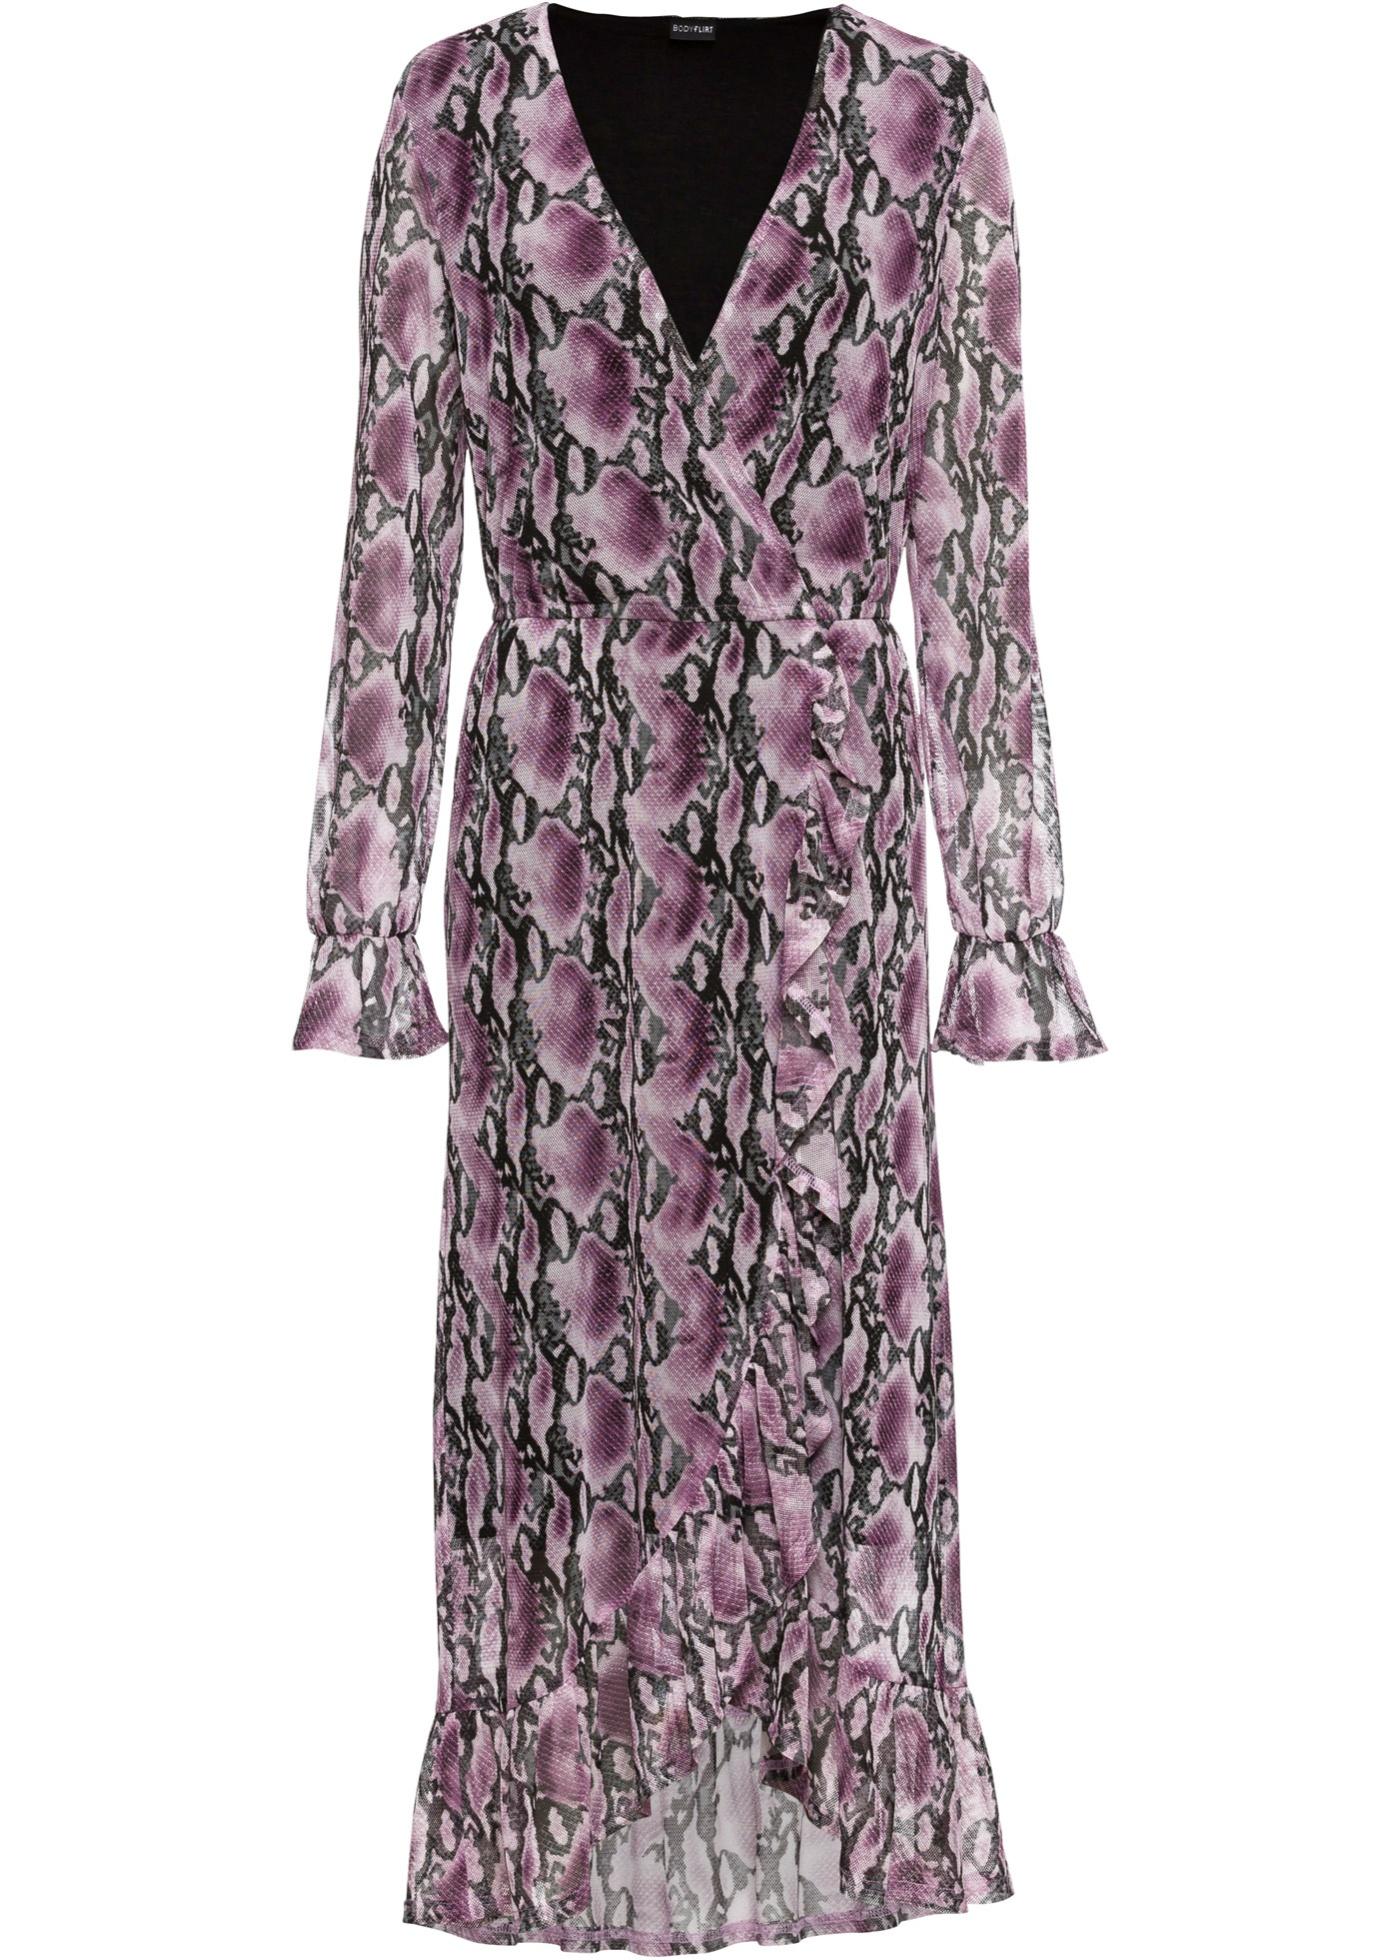 Style D'été Manches Portefeuille Violet BonprixRobe Pour Bodyflirt Longues Femme BexoWrdC